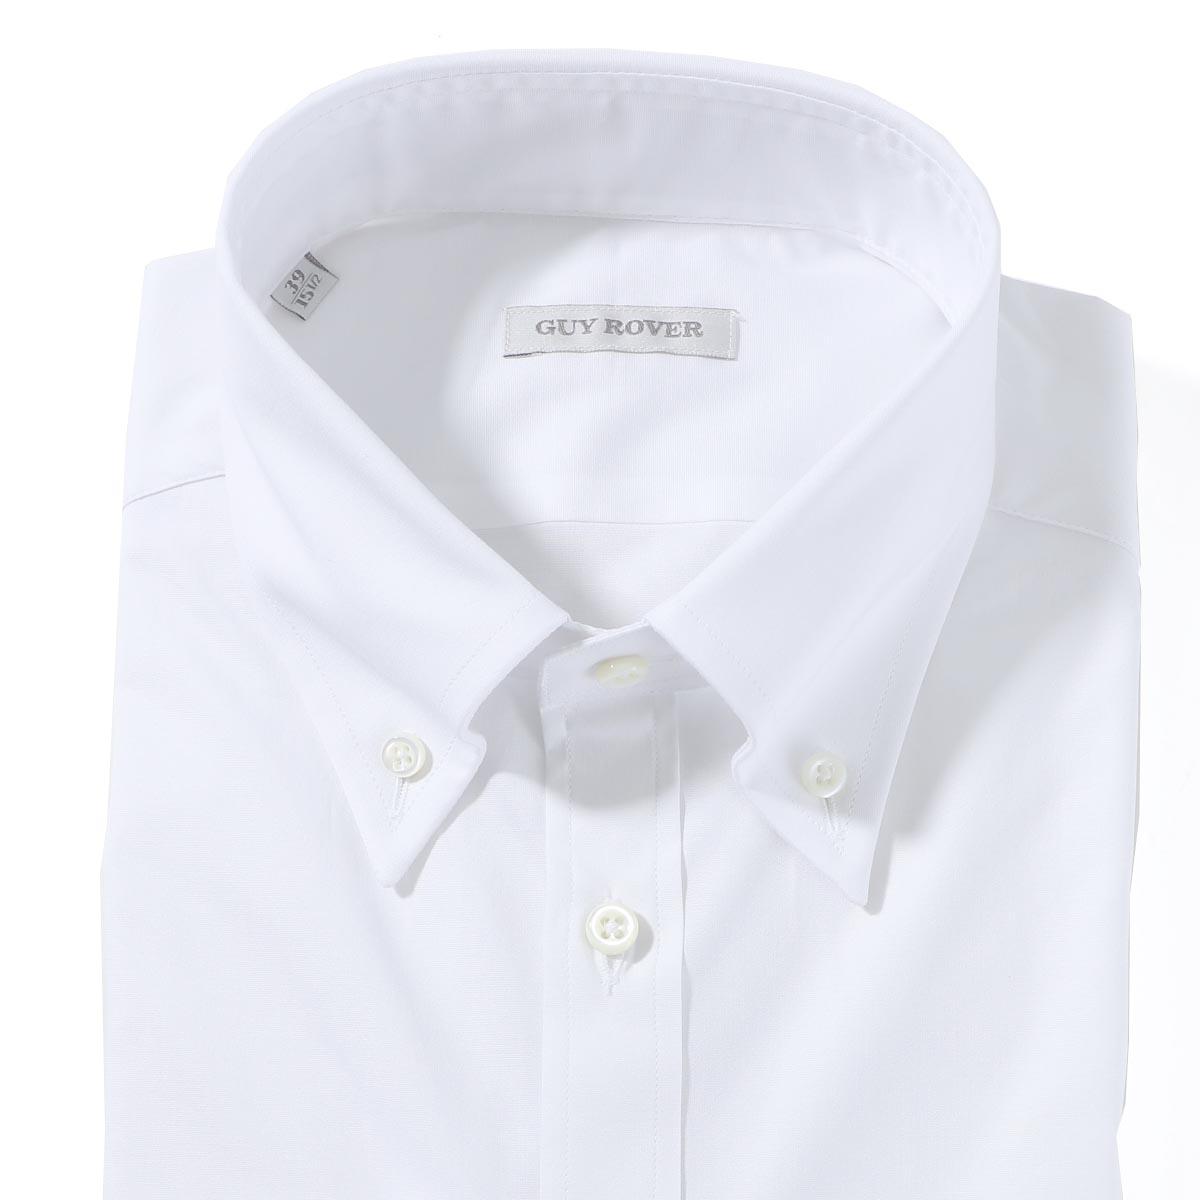 ギローバー GUY ROVER ボタンダウンシャツ ホワイト メンズ 2850v1940 501250 01【あす楽対応_関東】【返品送料無料】【ラッピング無料】